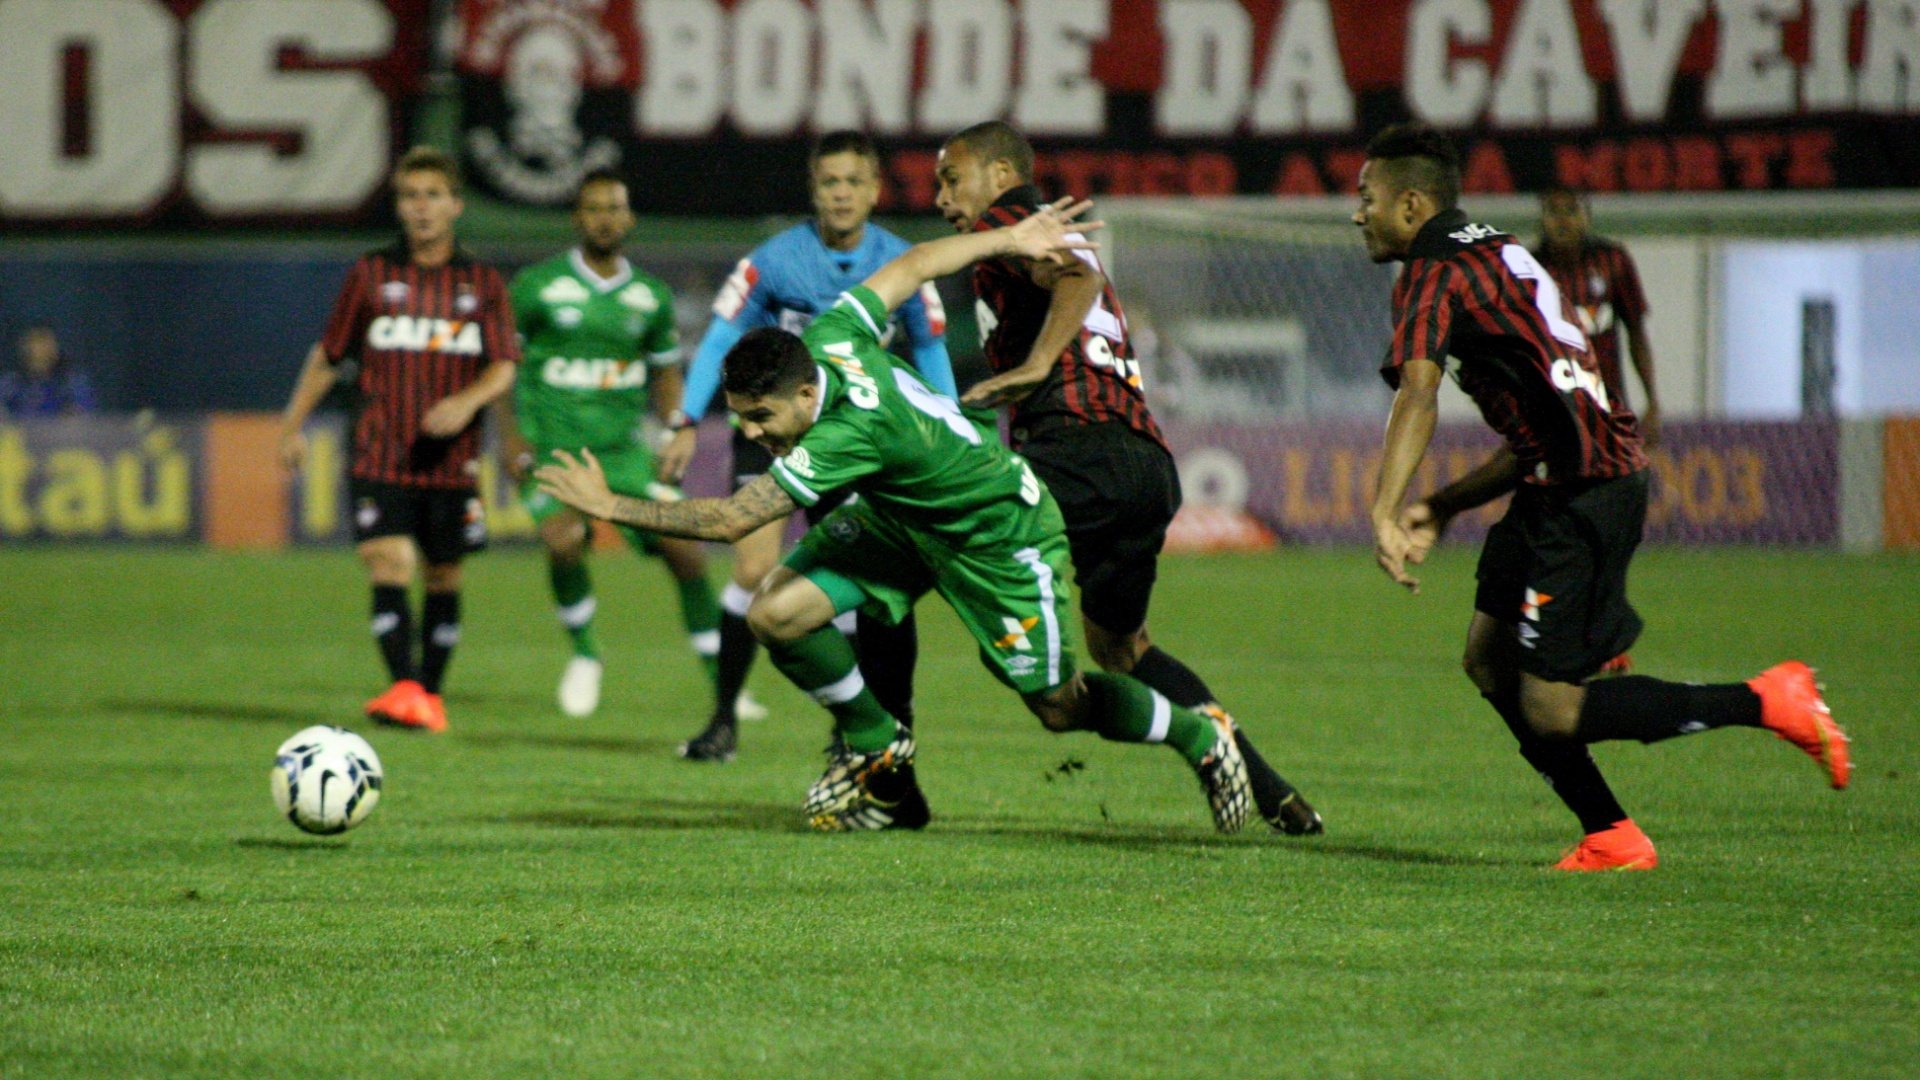 Zezinho tenta escapar da marcação dos jogadores do Atlético-PR